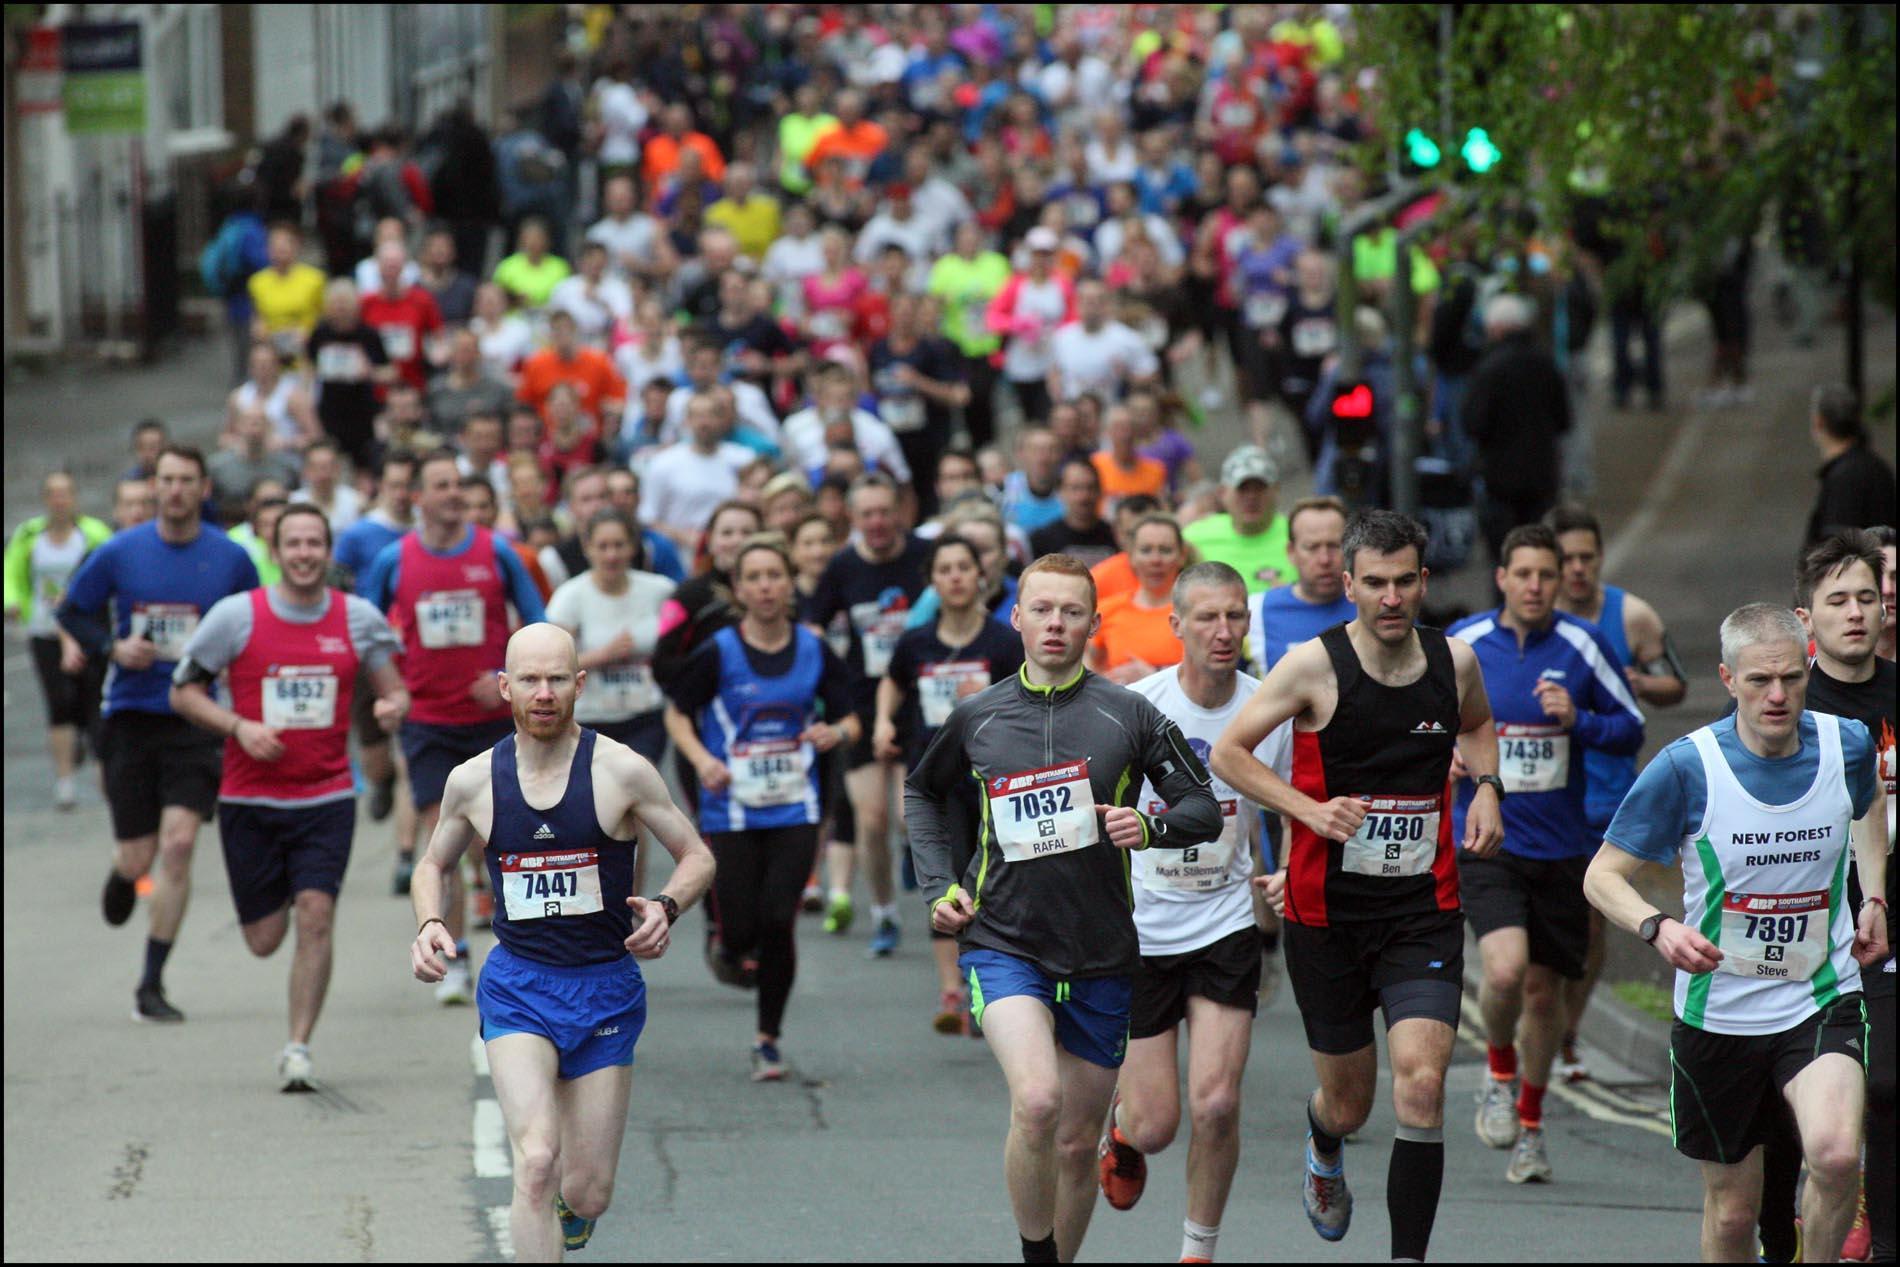 Rugby Half Marathon